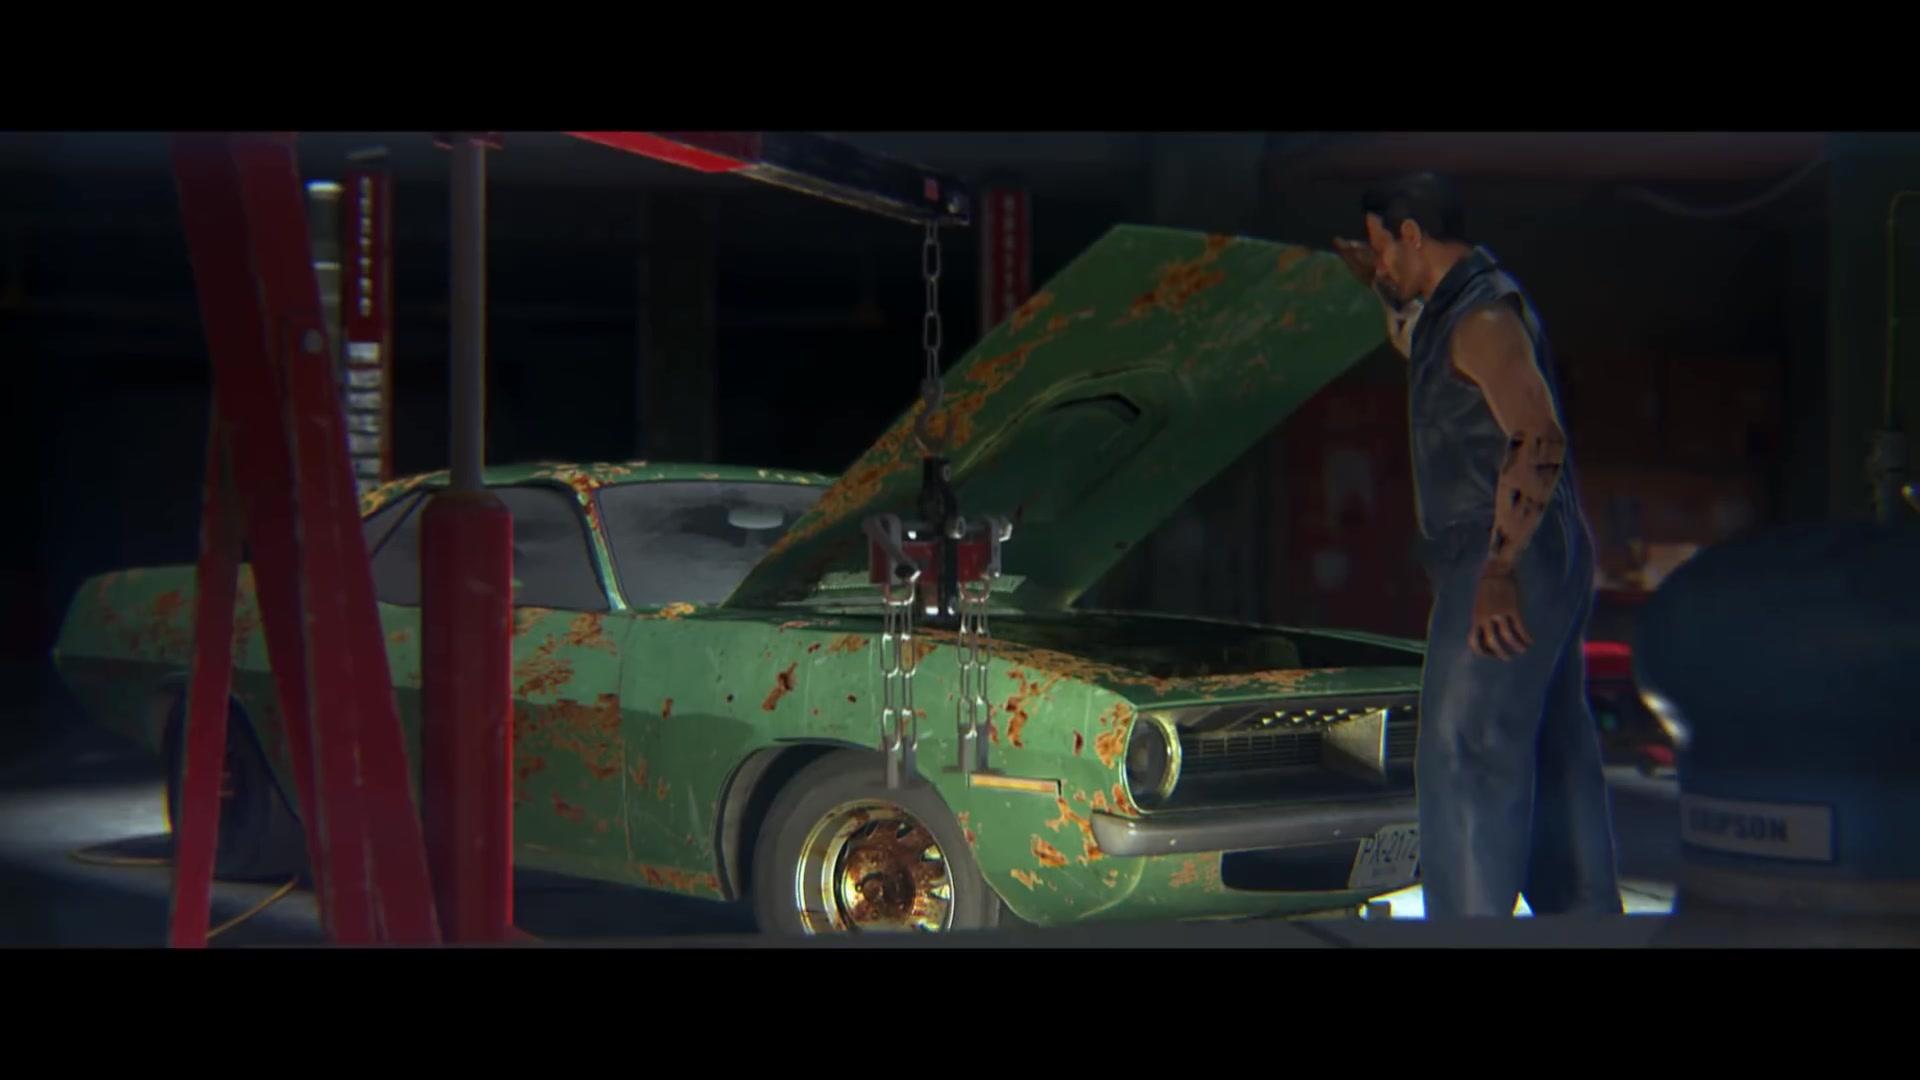 Zdarma připojení auta hry